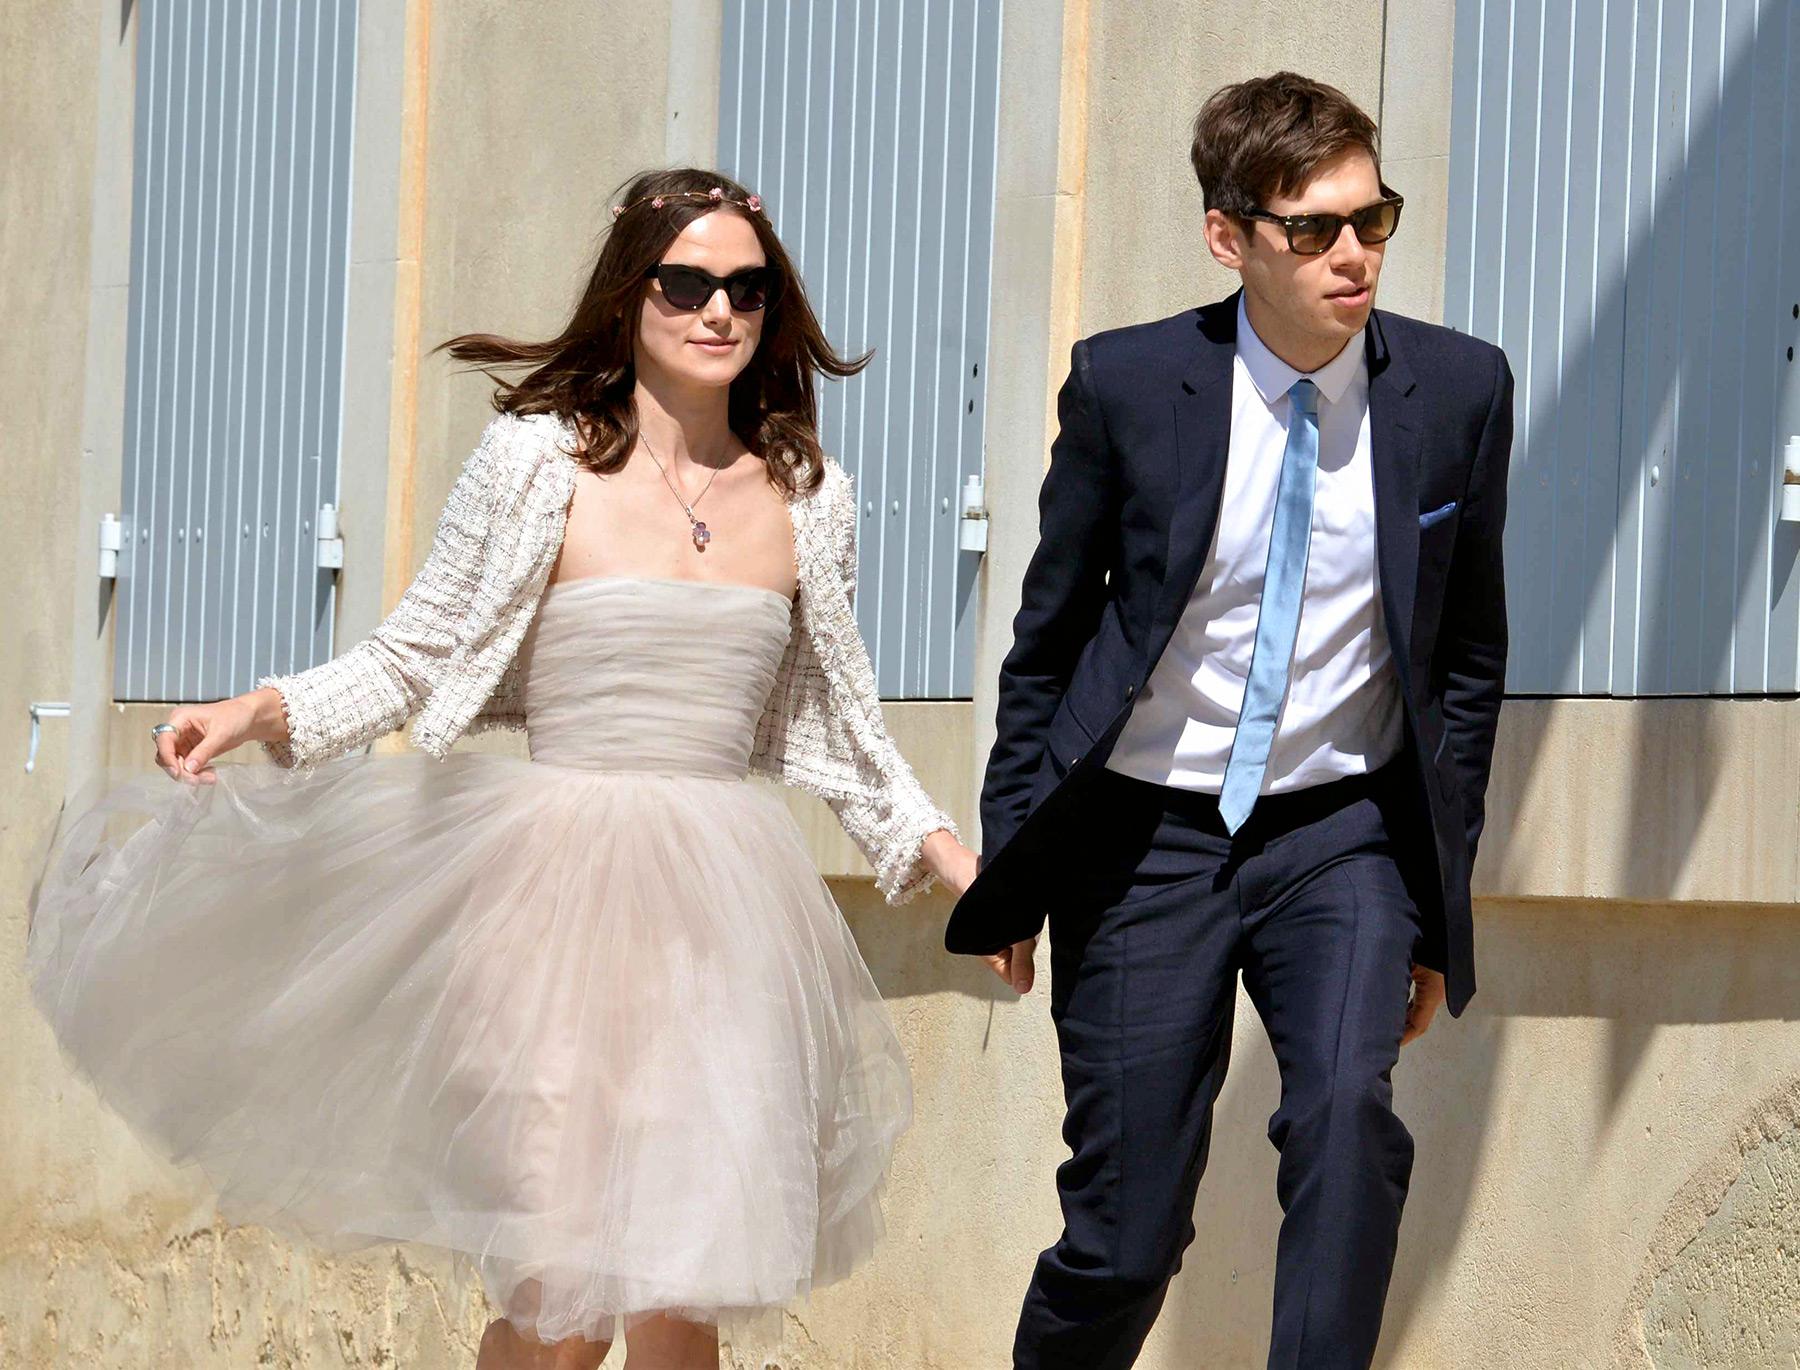 keira-knightley-wedding-dress